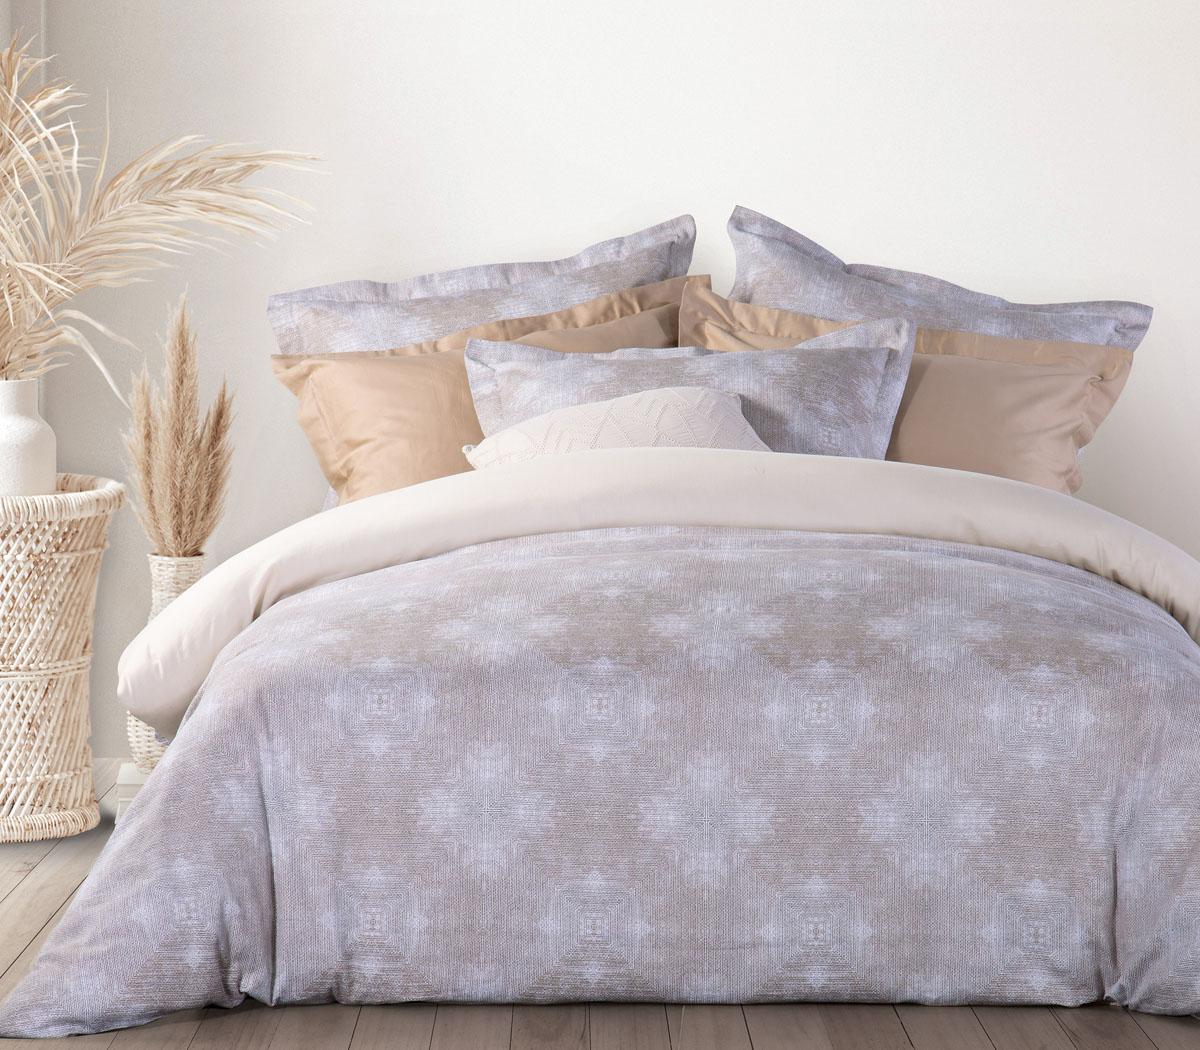 Κρεβάτι υπέρδιπλο με σεντόνια premium collection